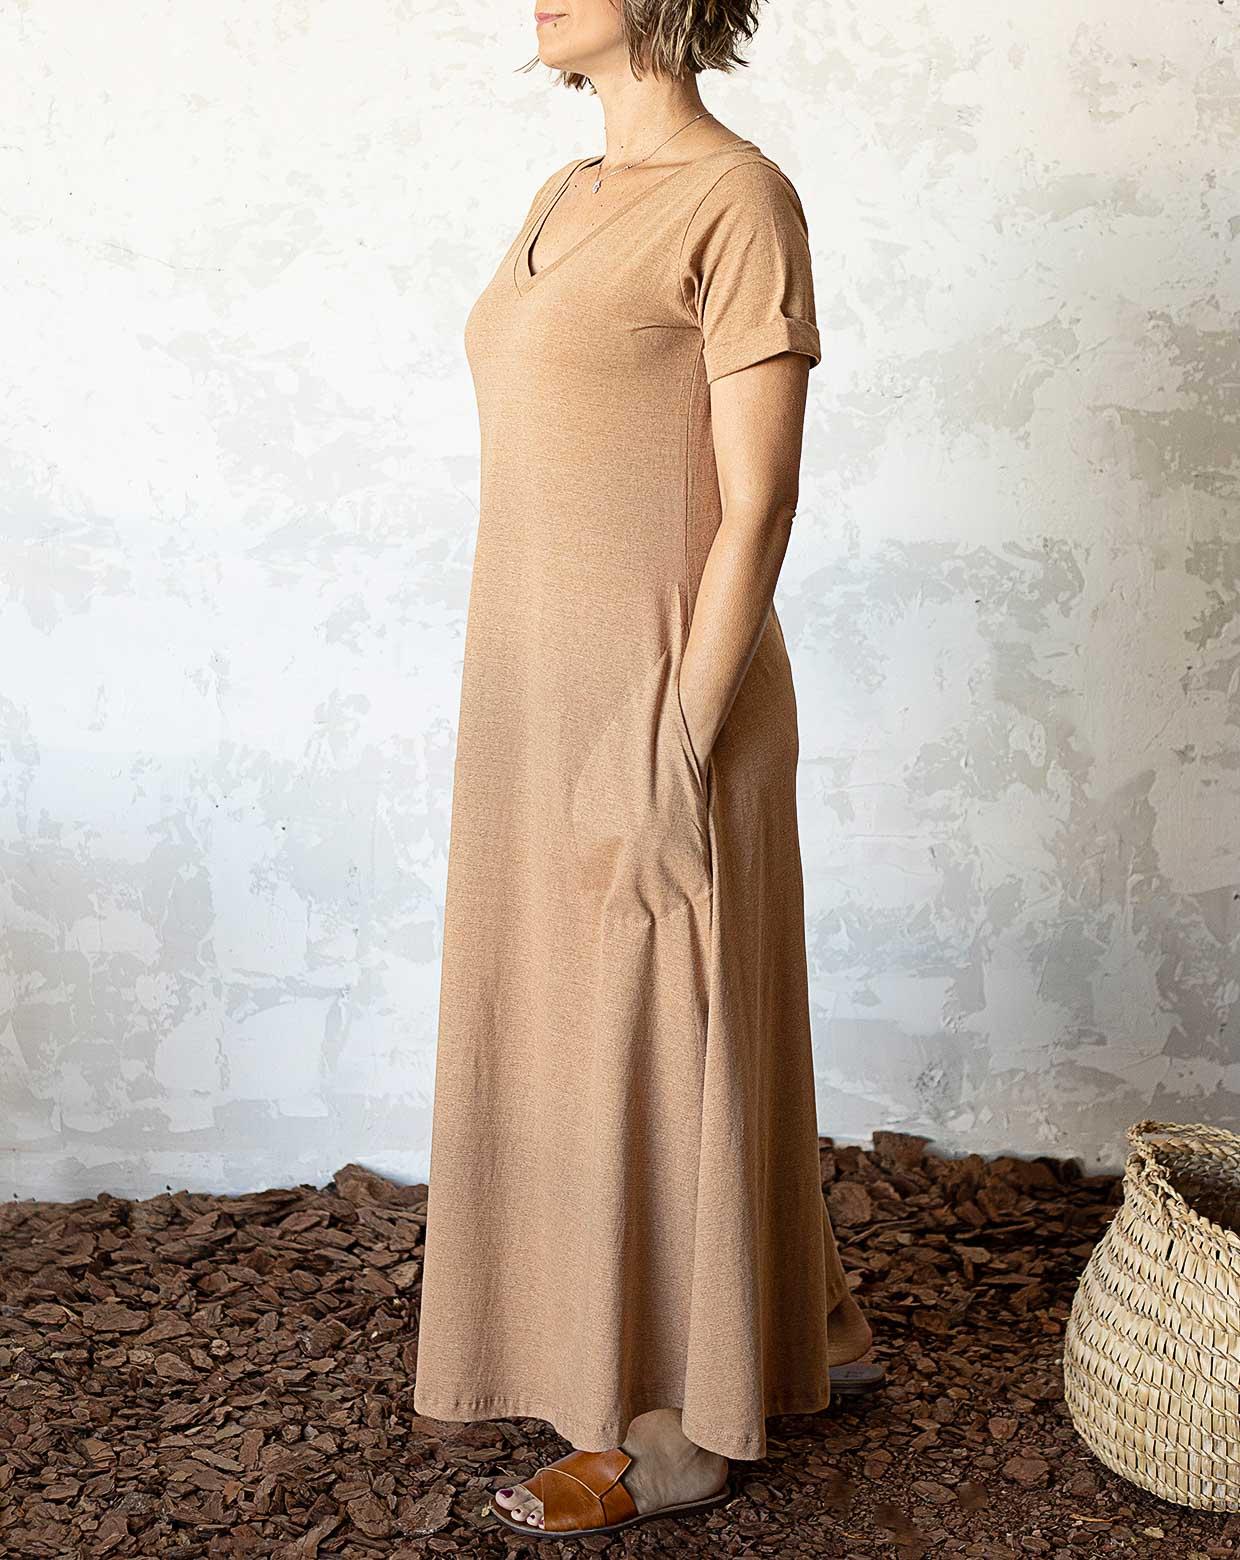 Vestido Carmem Marrom - Algodão Orgânico Colorido Natural